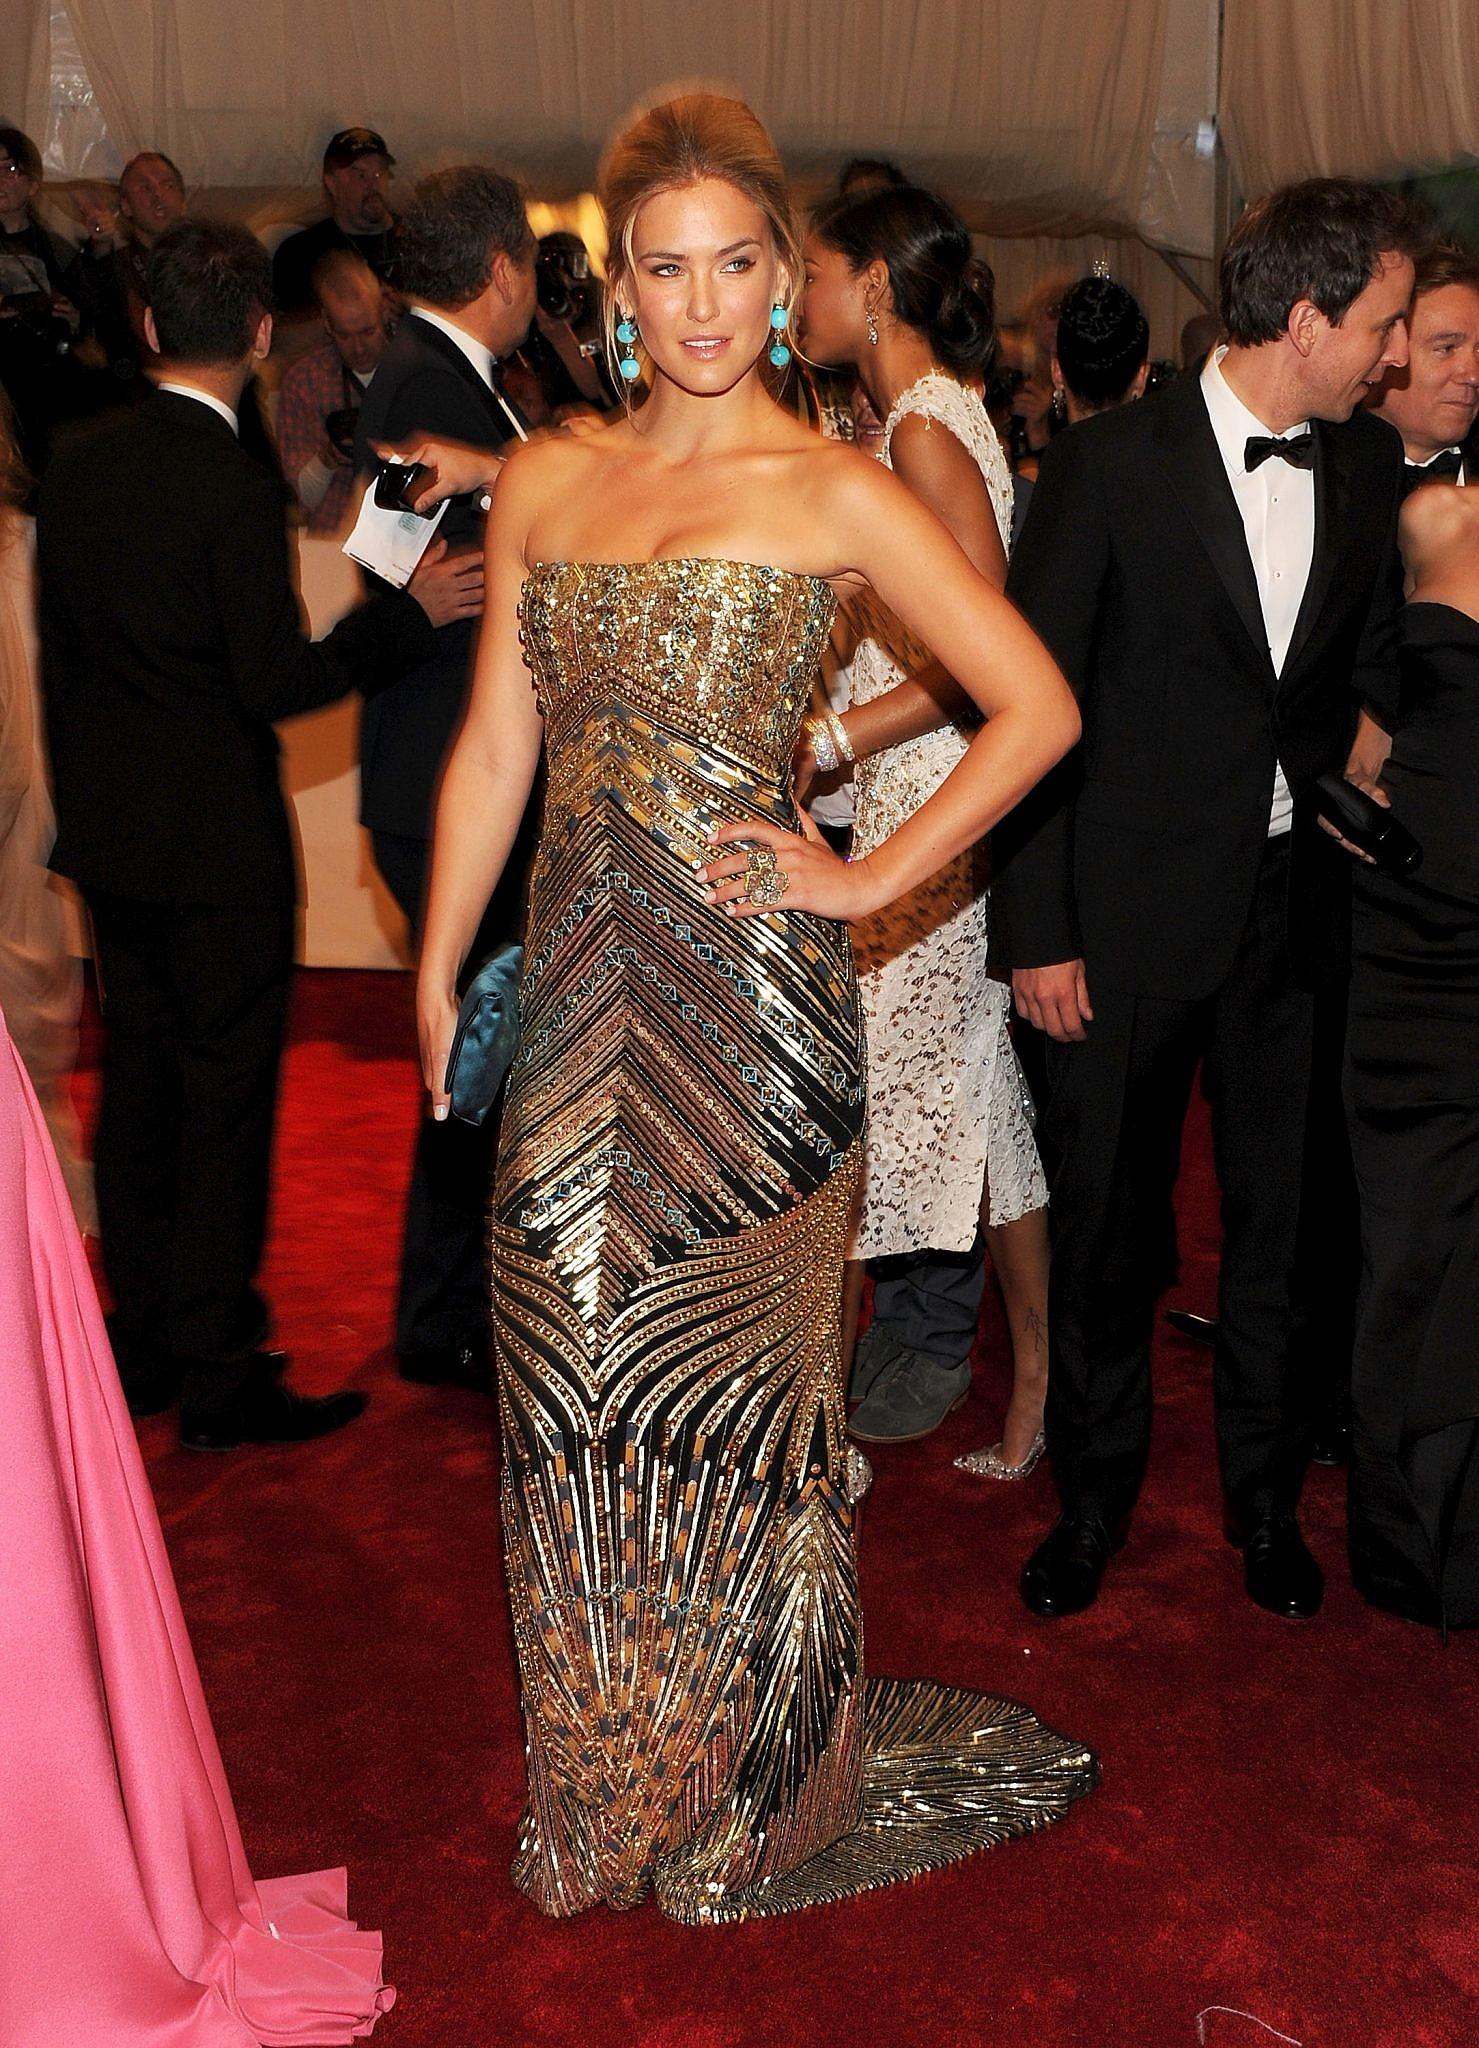 הסתנוורנו: רפאלי במט גאלה של 2011, בשמלה של המעצבת רים אקרה   צילום: Larry Busacca/Getty Images